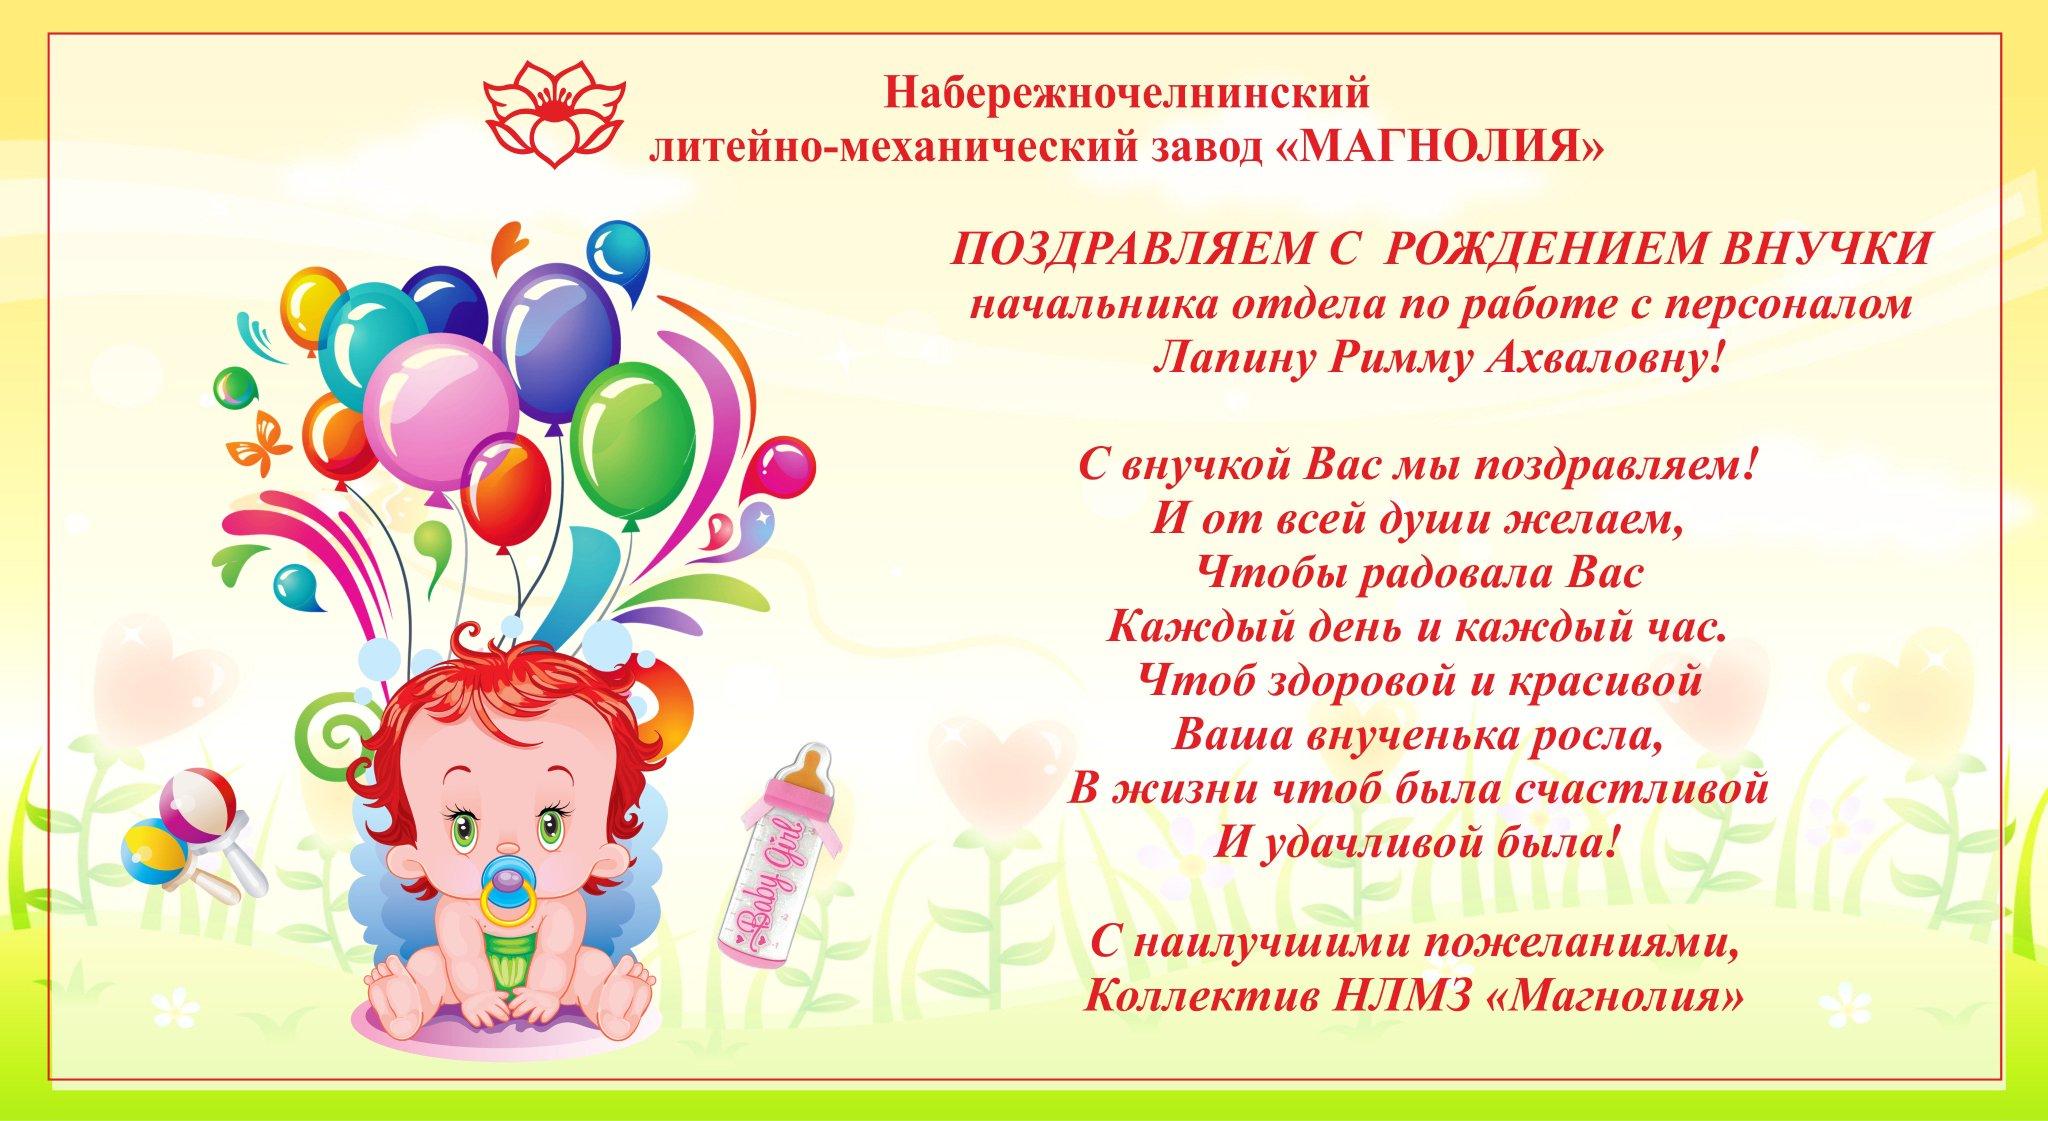 Открытки поздравления коллеге с рождением внучки